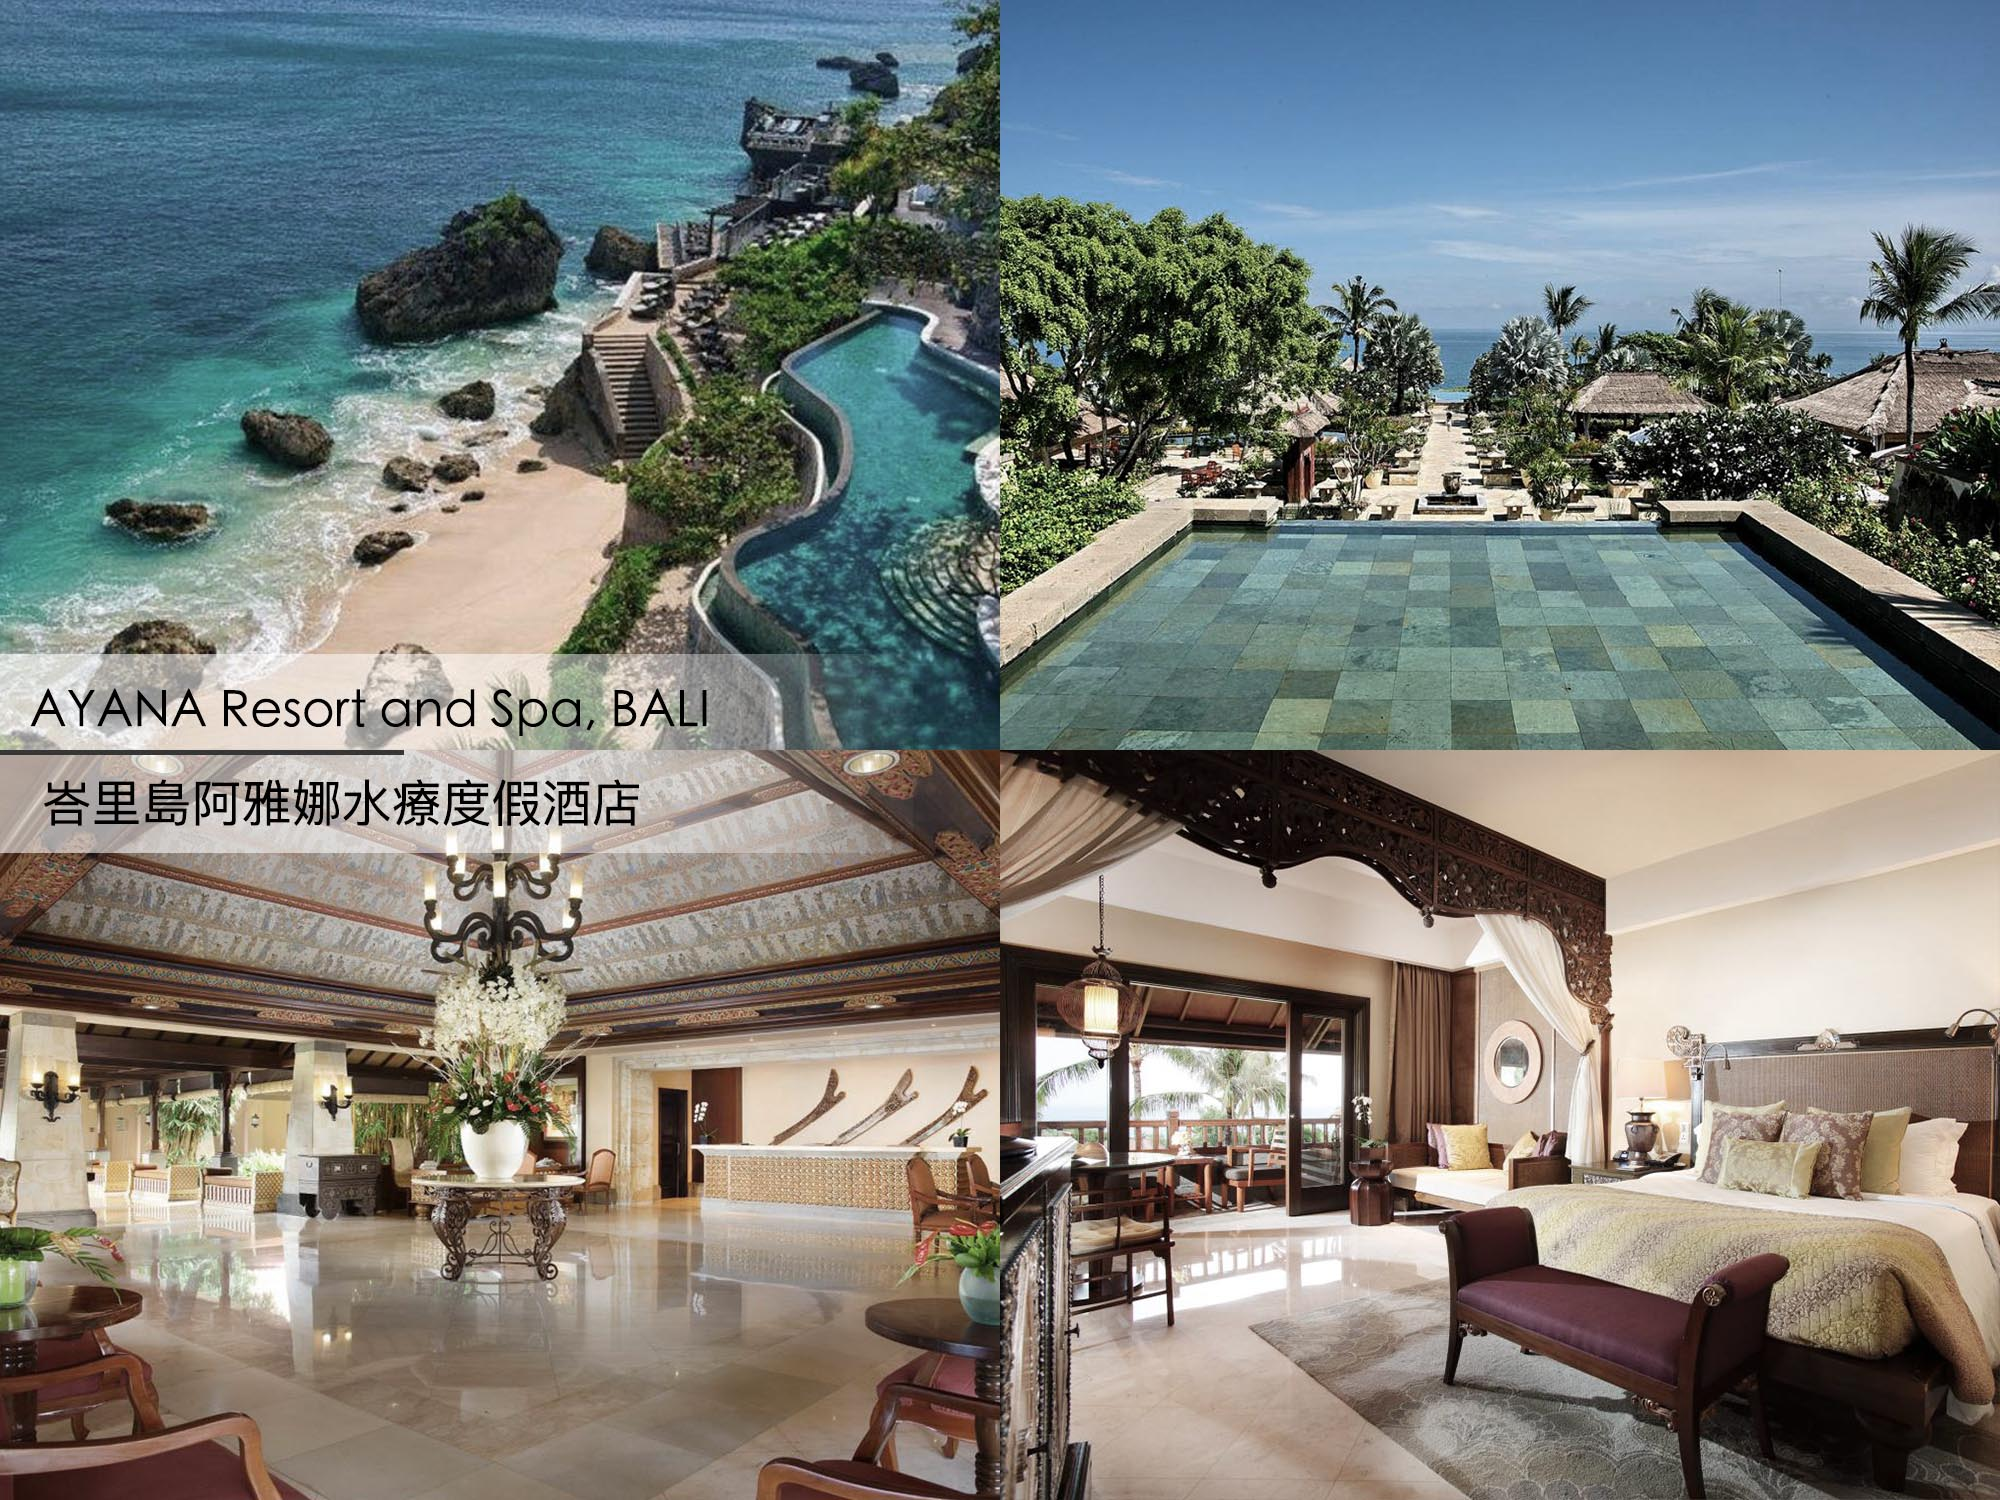 峇里島阿雅娜水療度假酒店